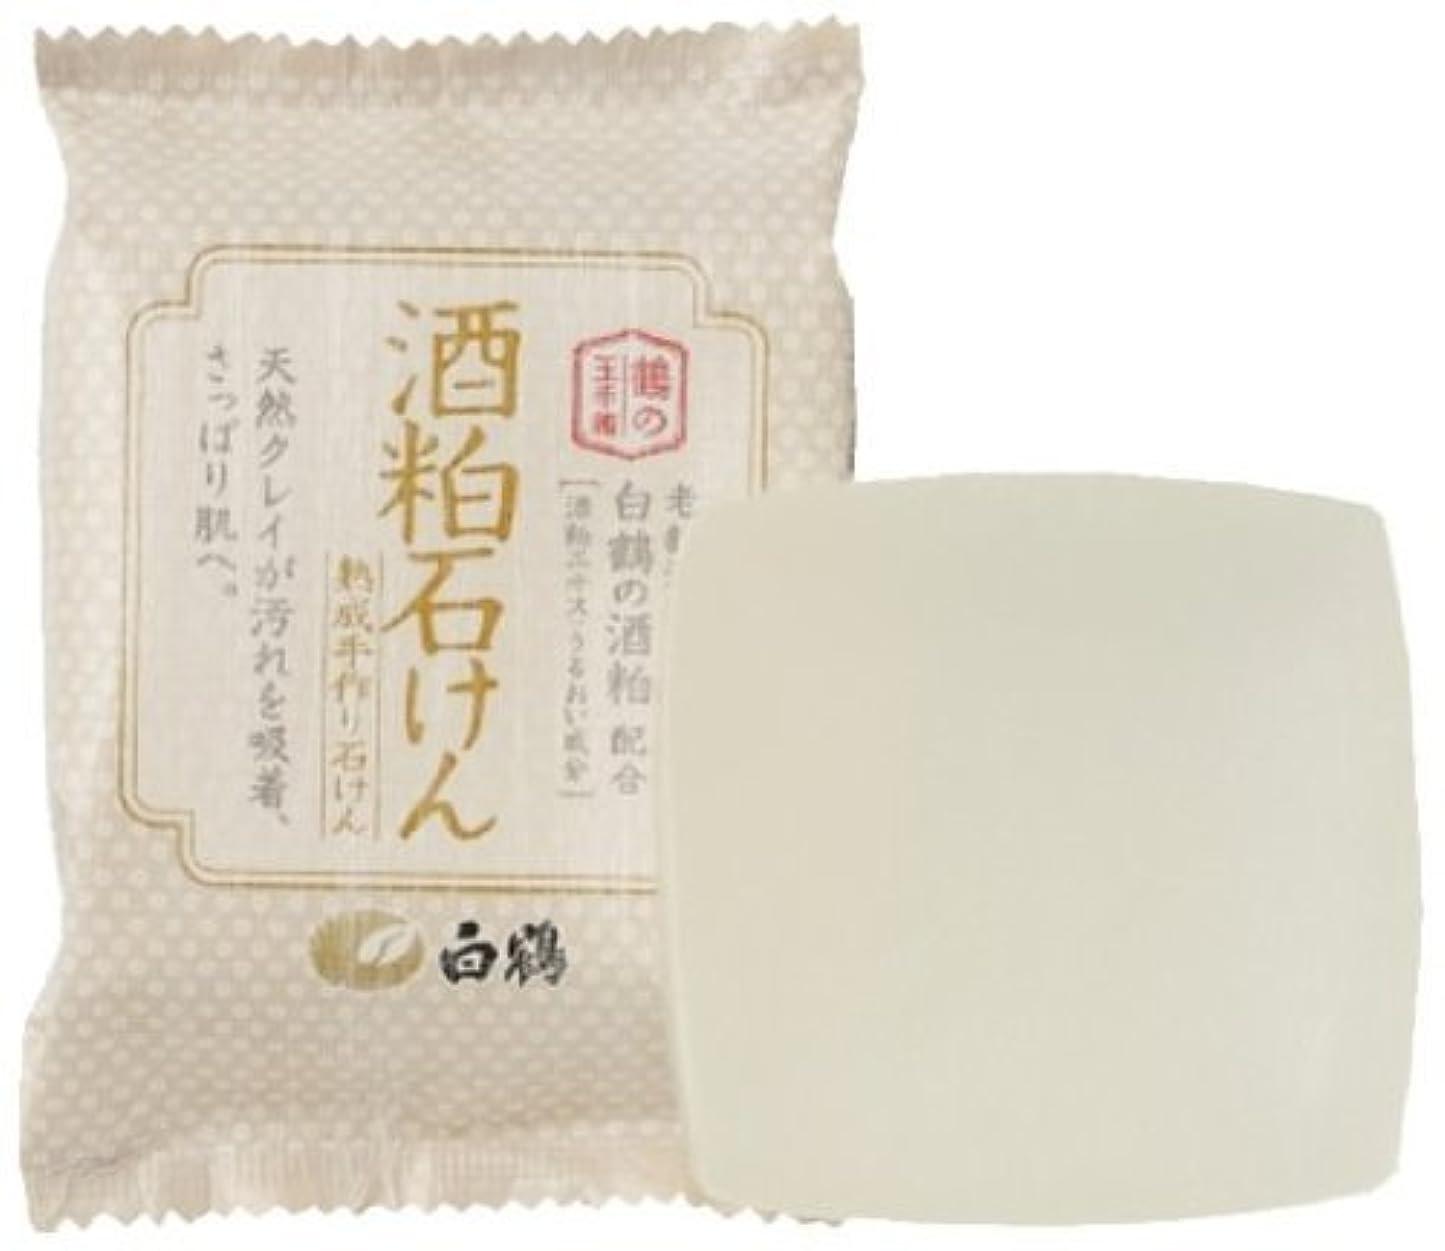 白鶴 鶴の玉手箱 酒粕石けん 100g × 5個